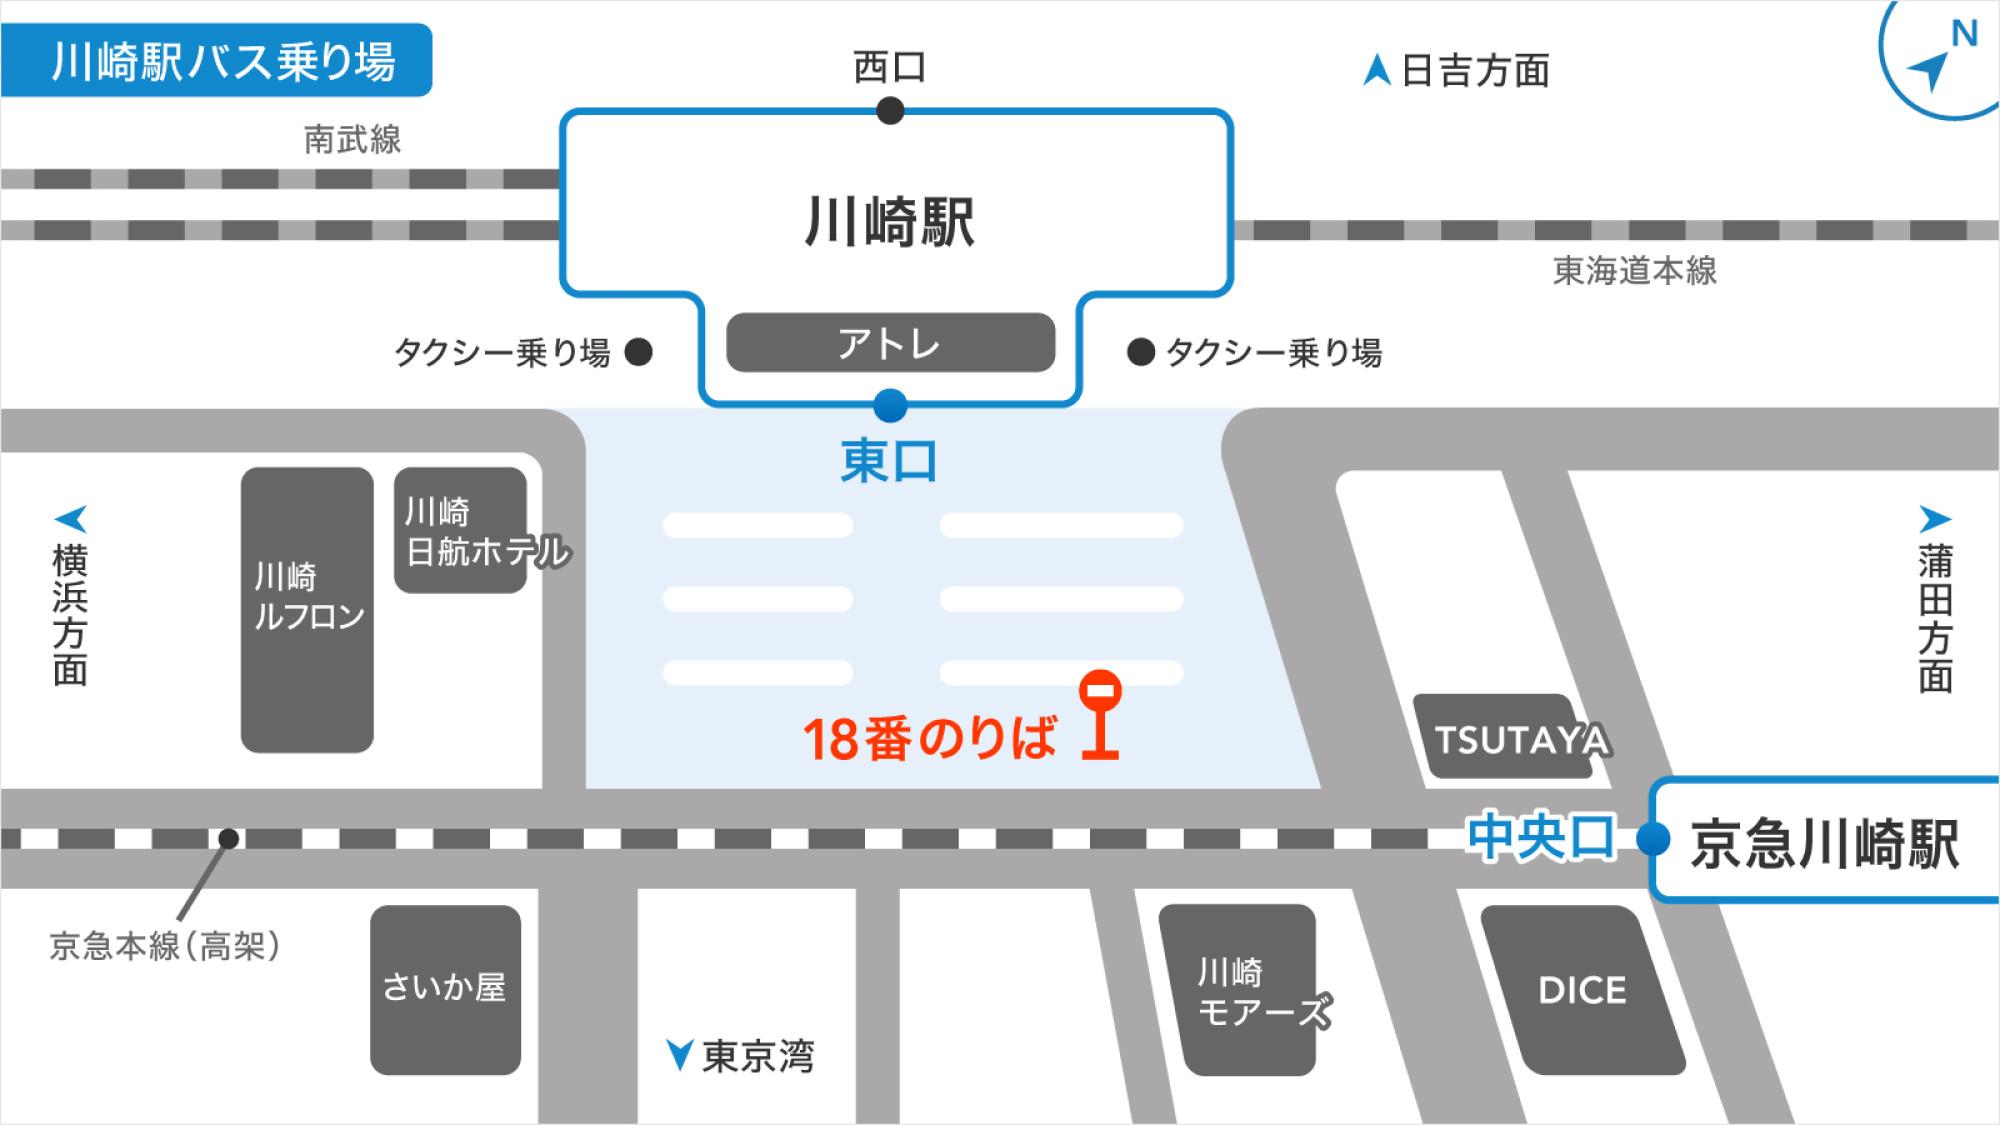 川崎駅のバス乗り場